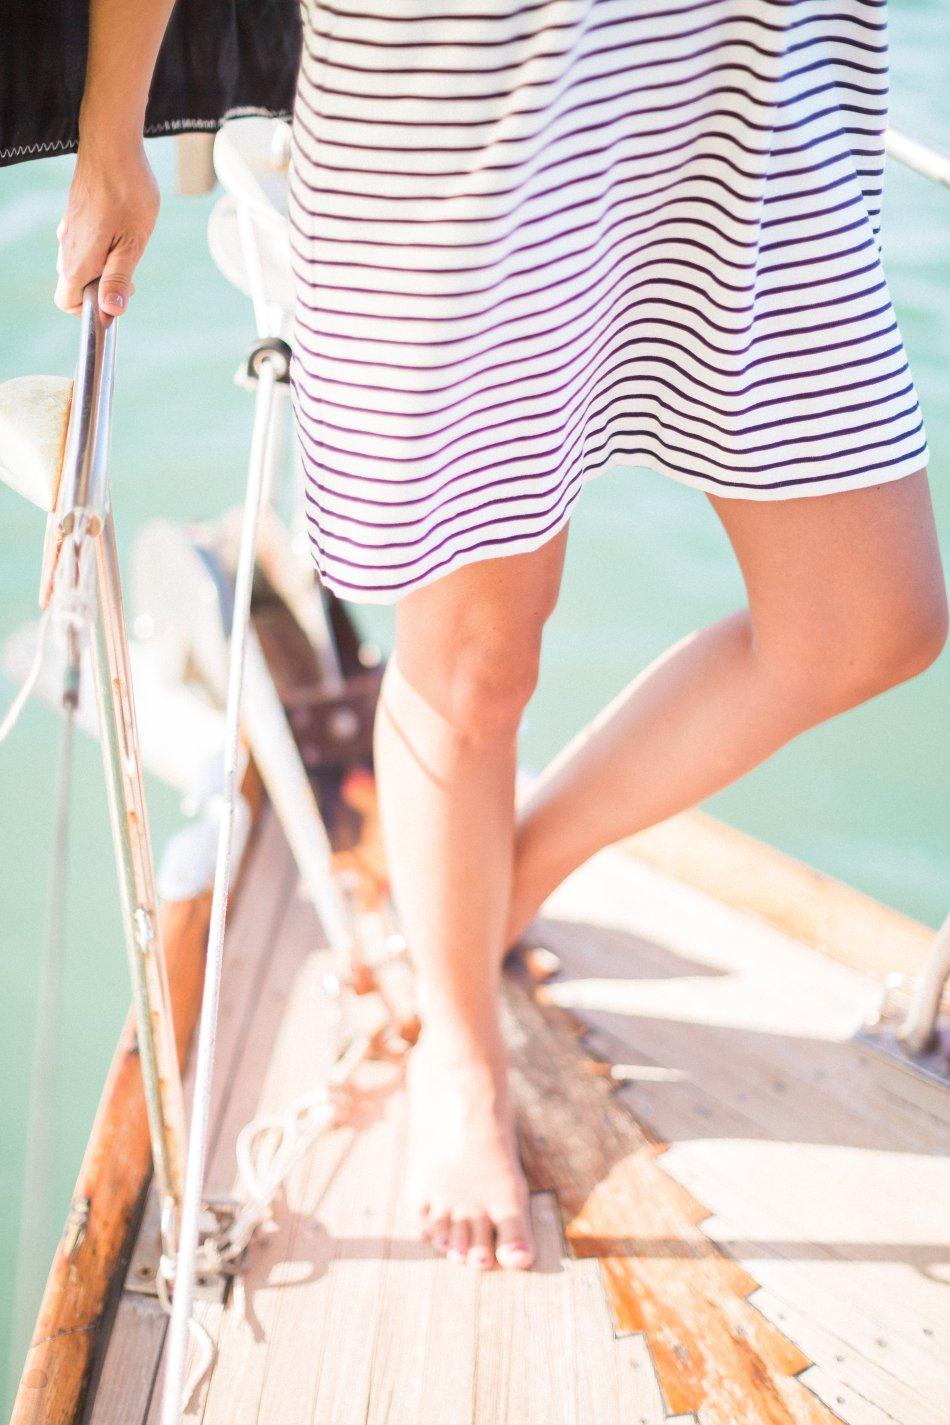 naples-luxury-sailing-engagement-photography-nautical-sailboat-engagement_1078.jpg